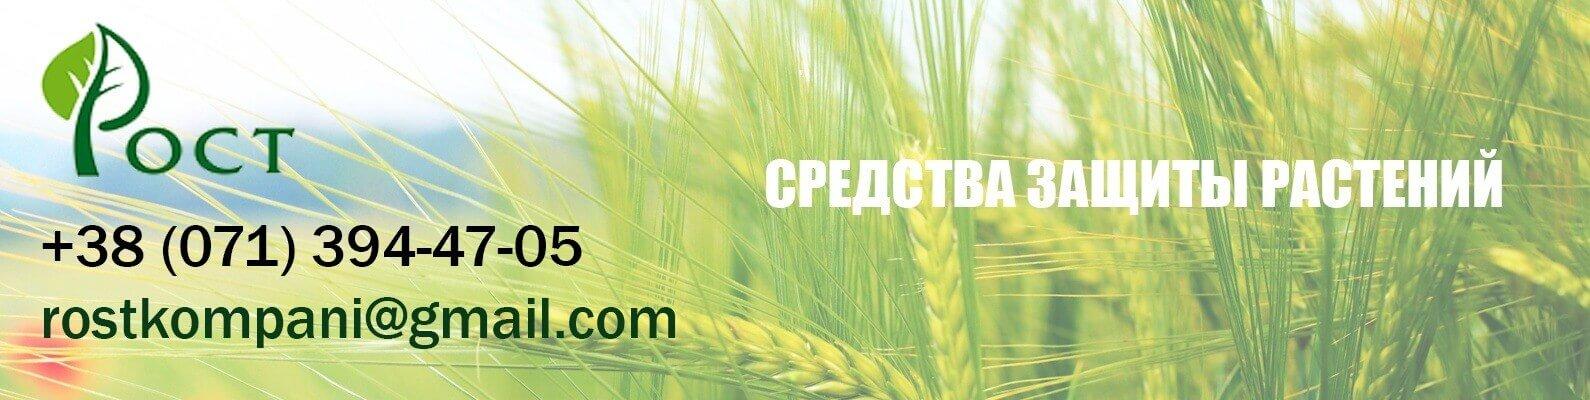 ооо РОСТ ДНР